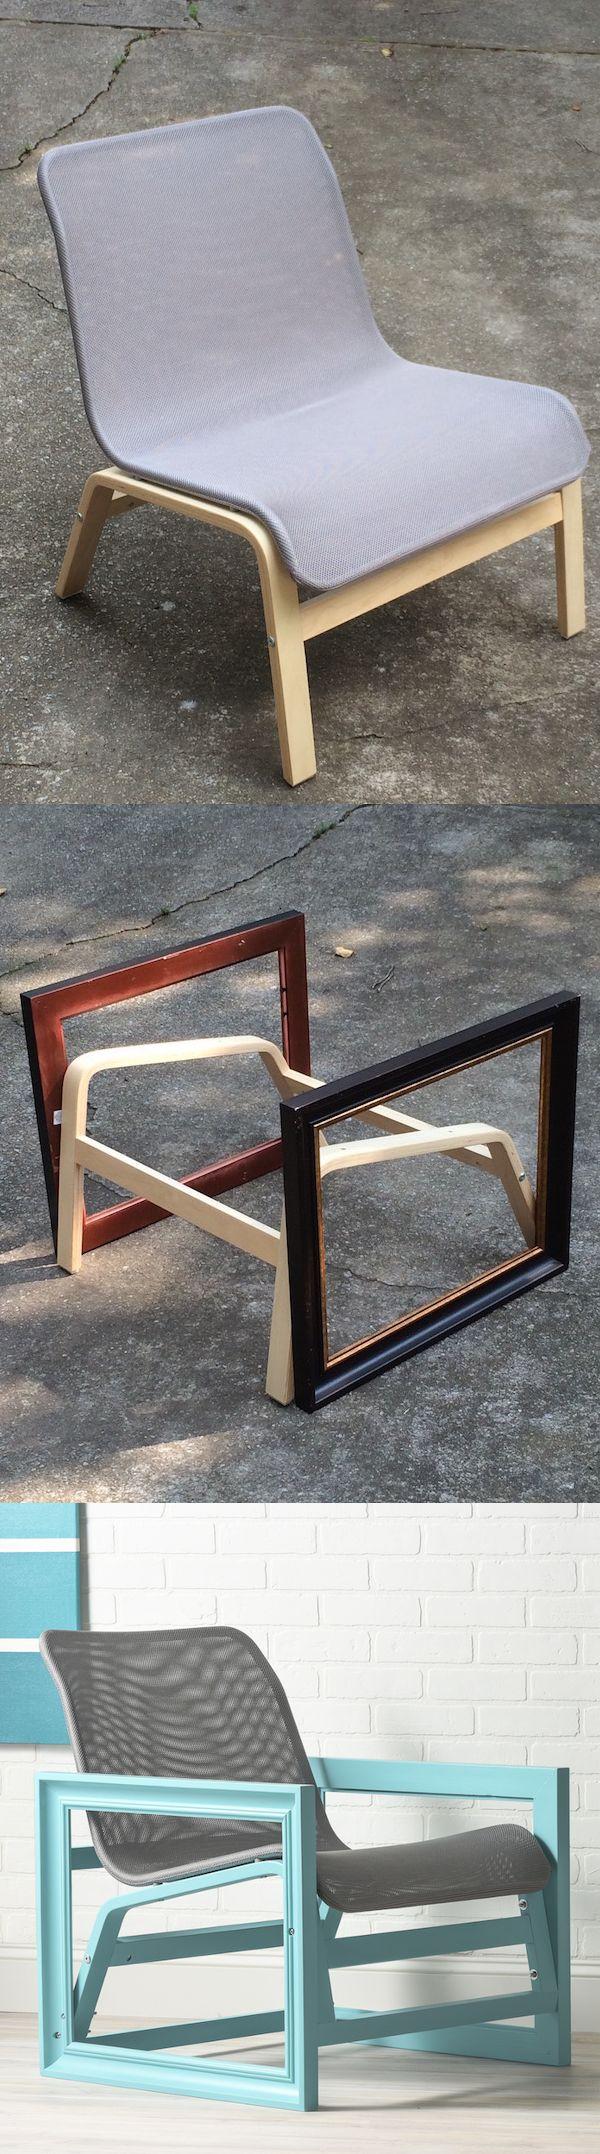 81 besten ✅28+ IKEA Chair Hacks Bilder auf Pinterest | Stühle, Ikea ...